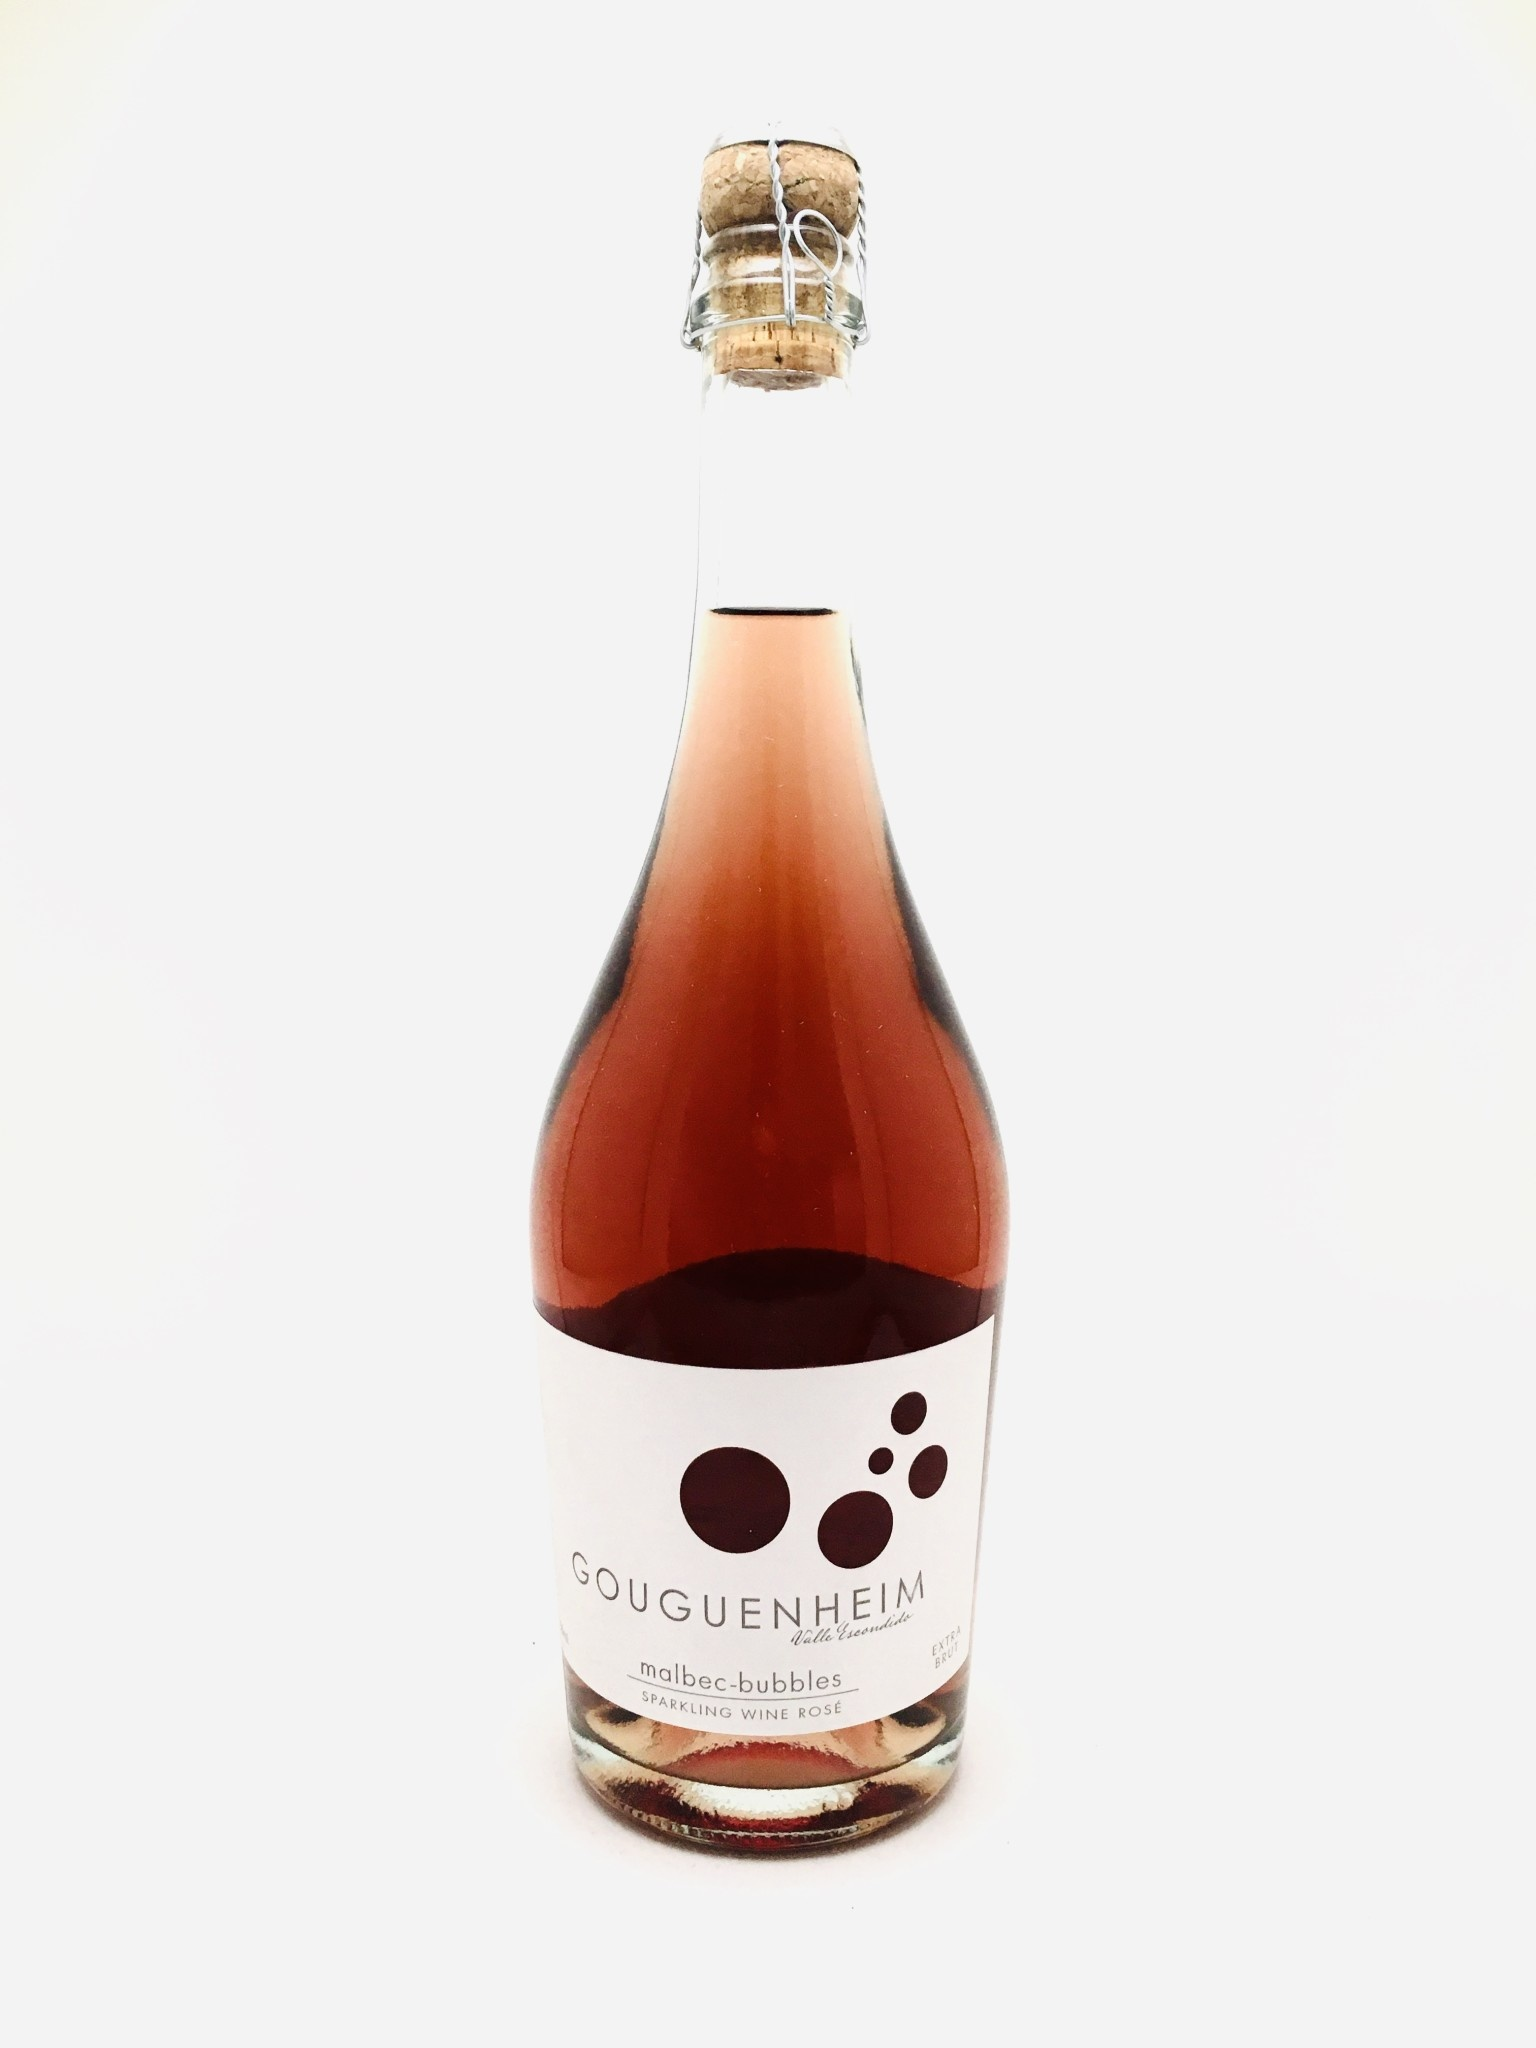 Gouguenheim Mendoza Malbec Extra Brut Bubbles Rosé NV